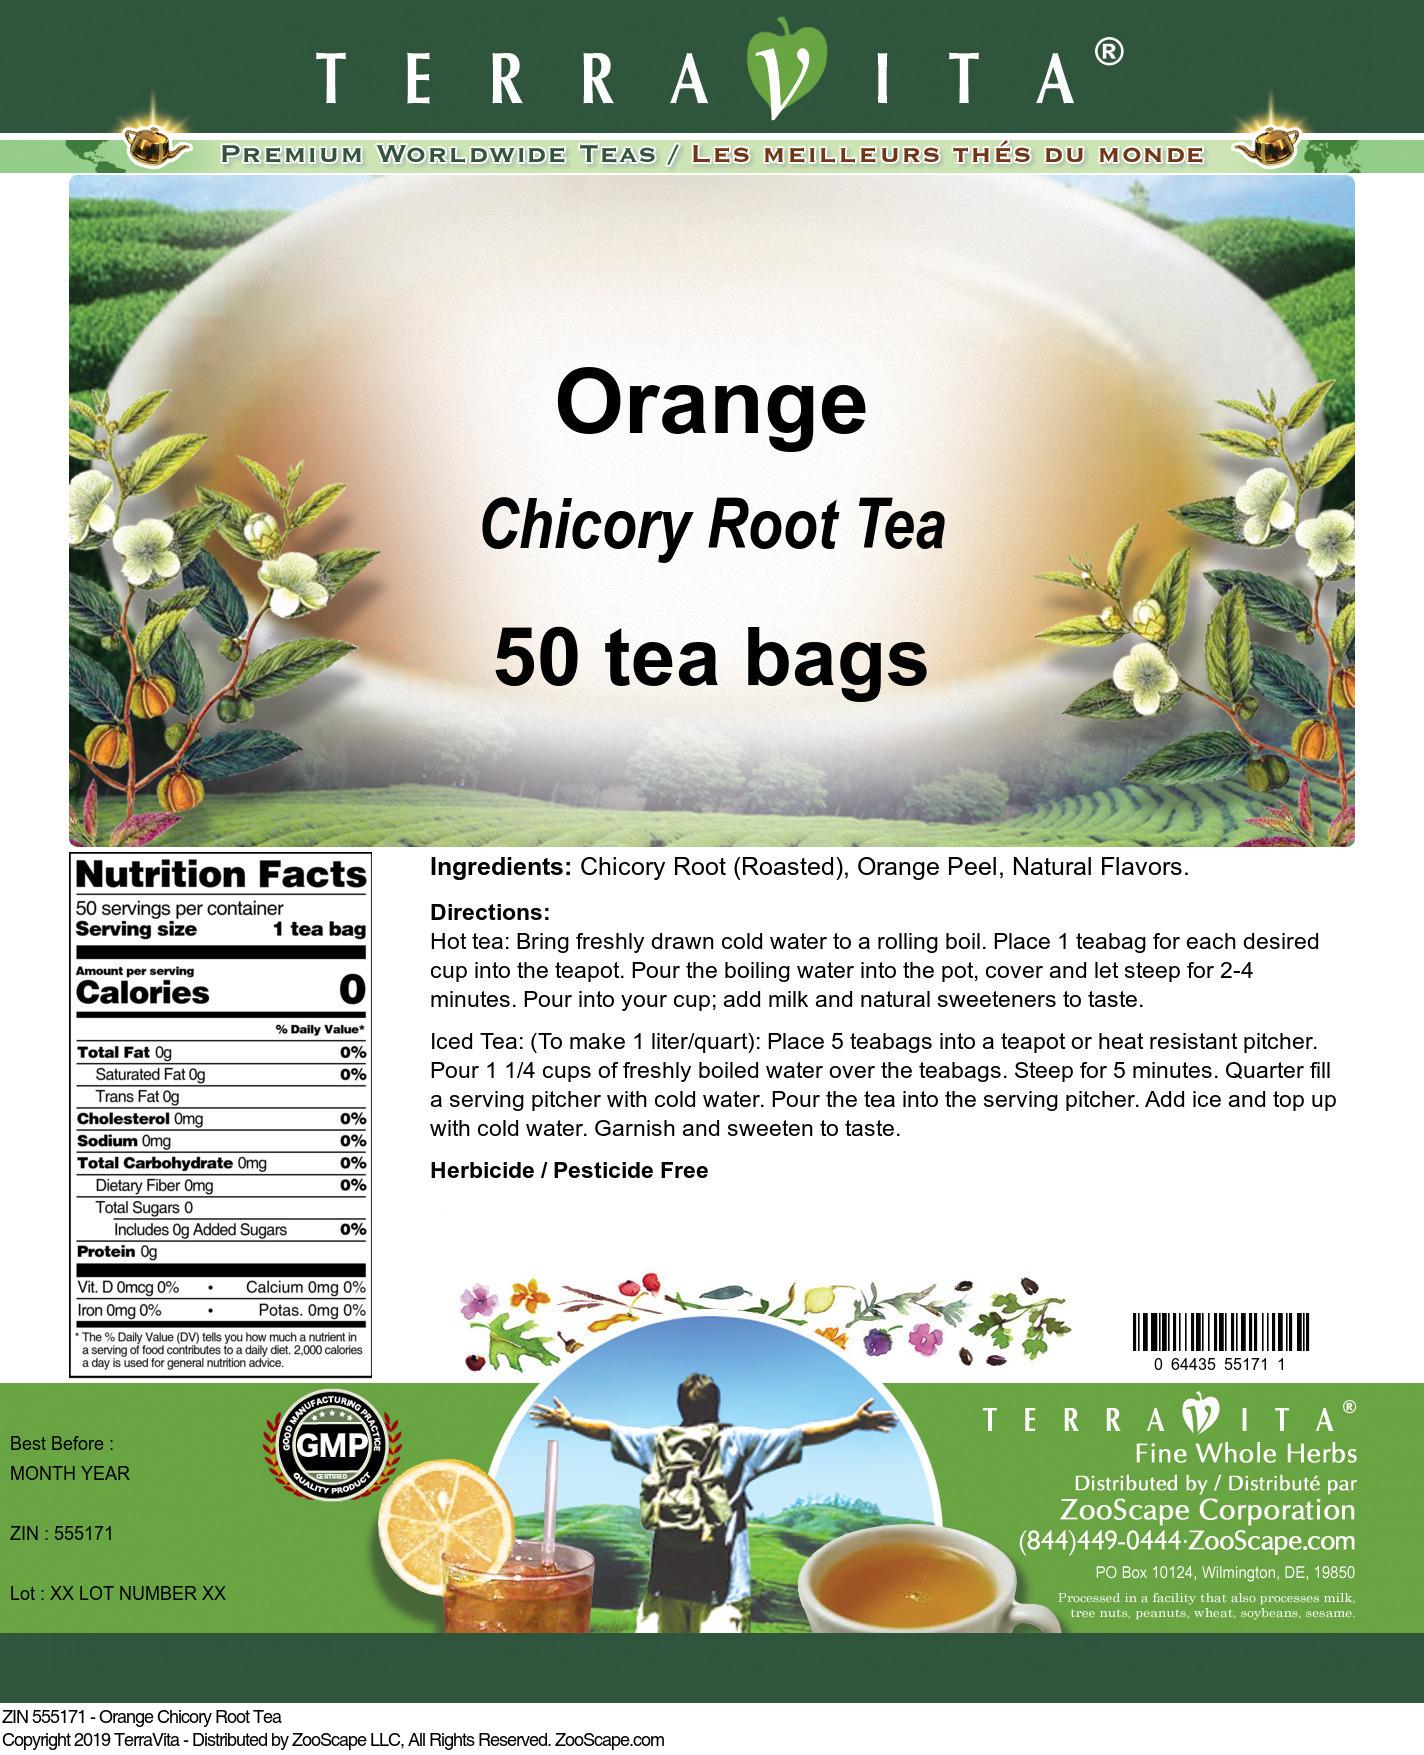 Orange Chicory Root Tea